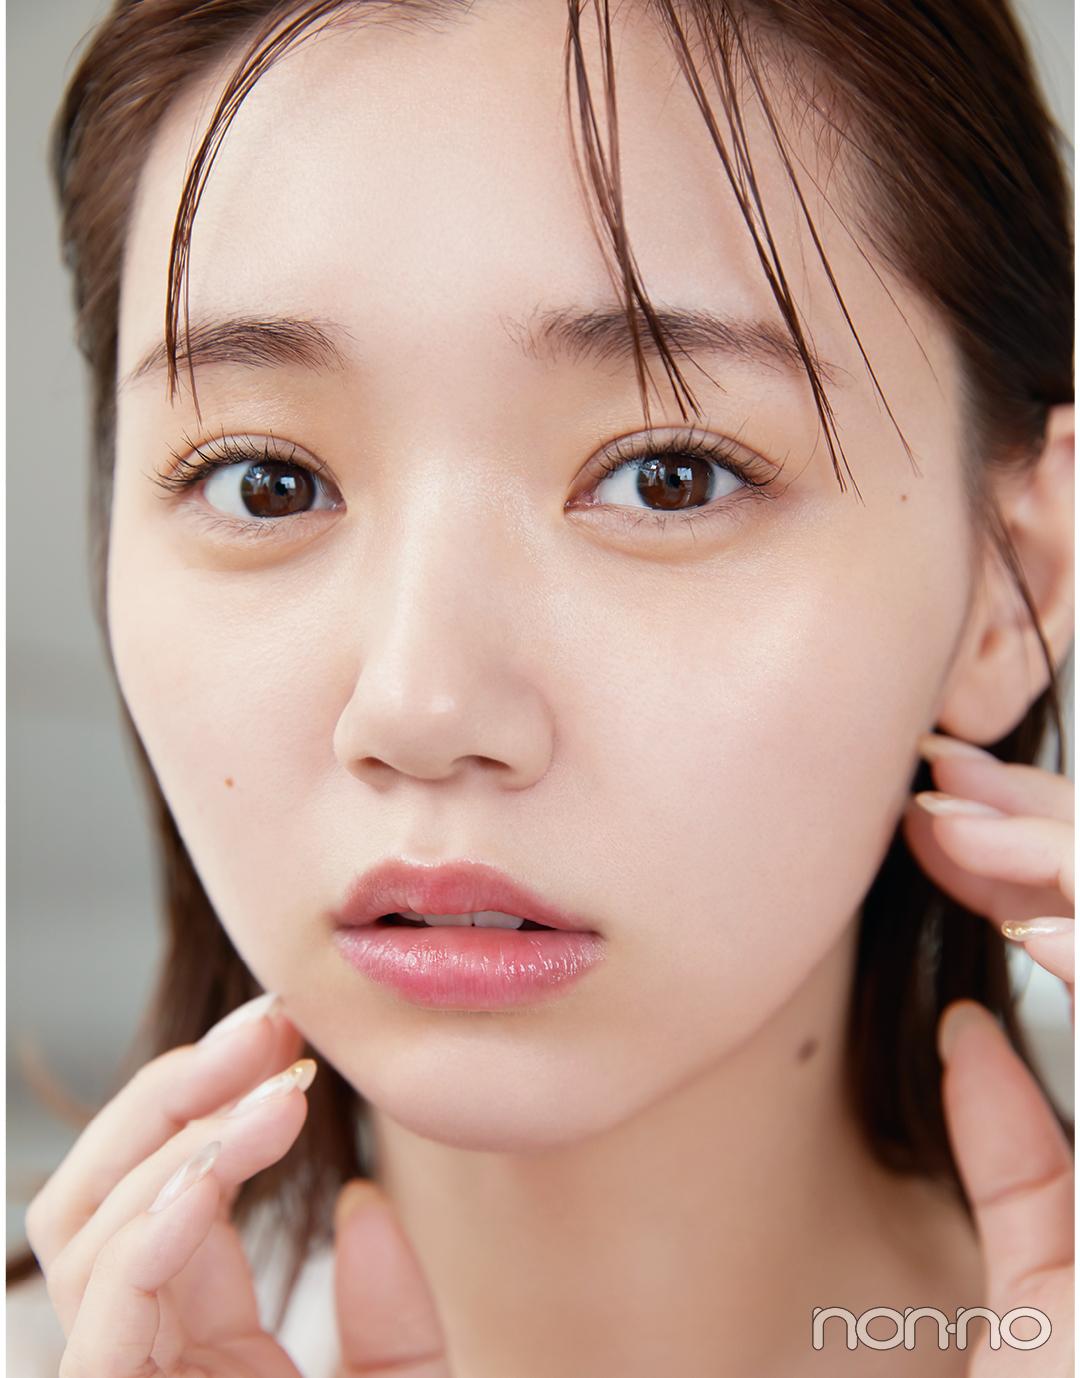 愛美とニキビ モデルカット1-4